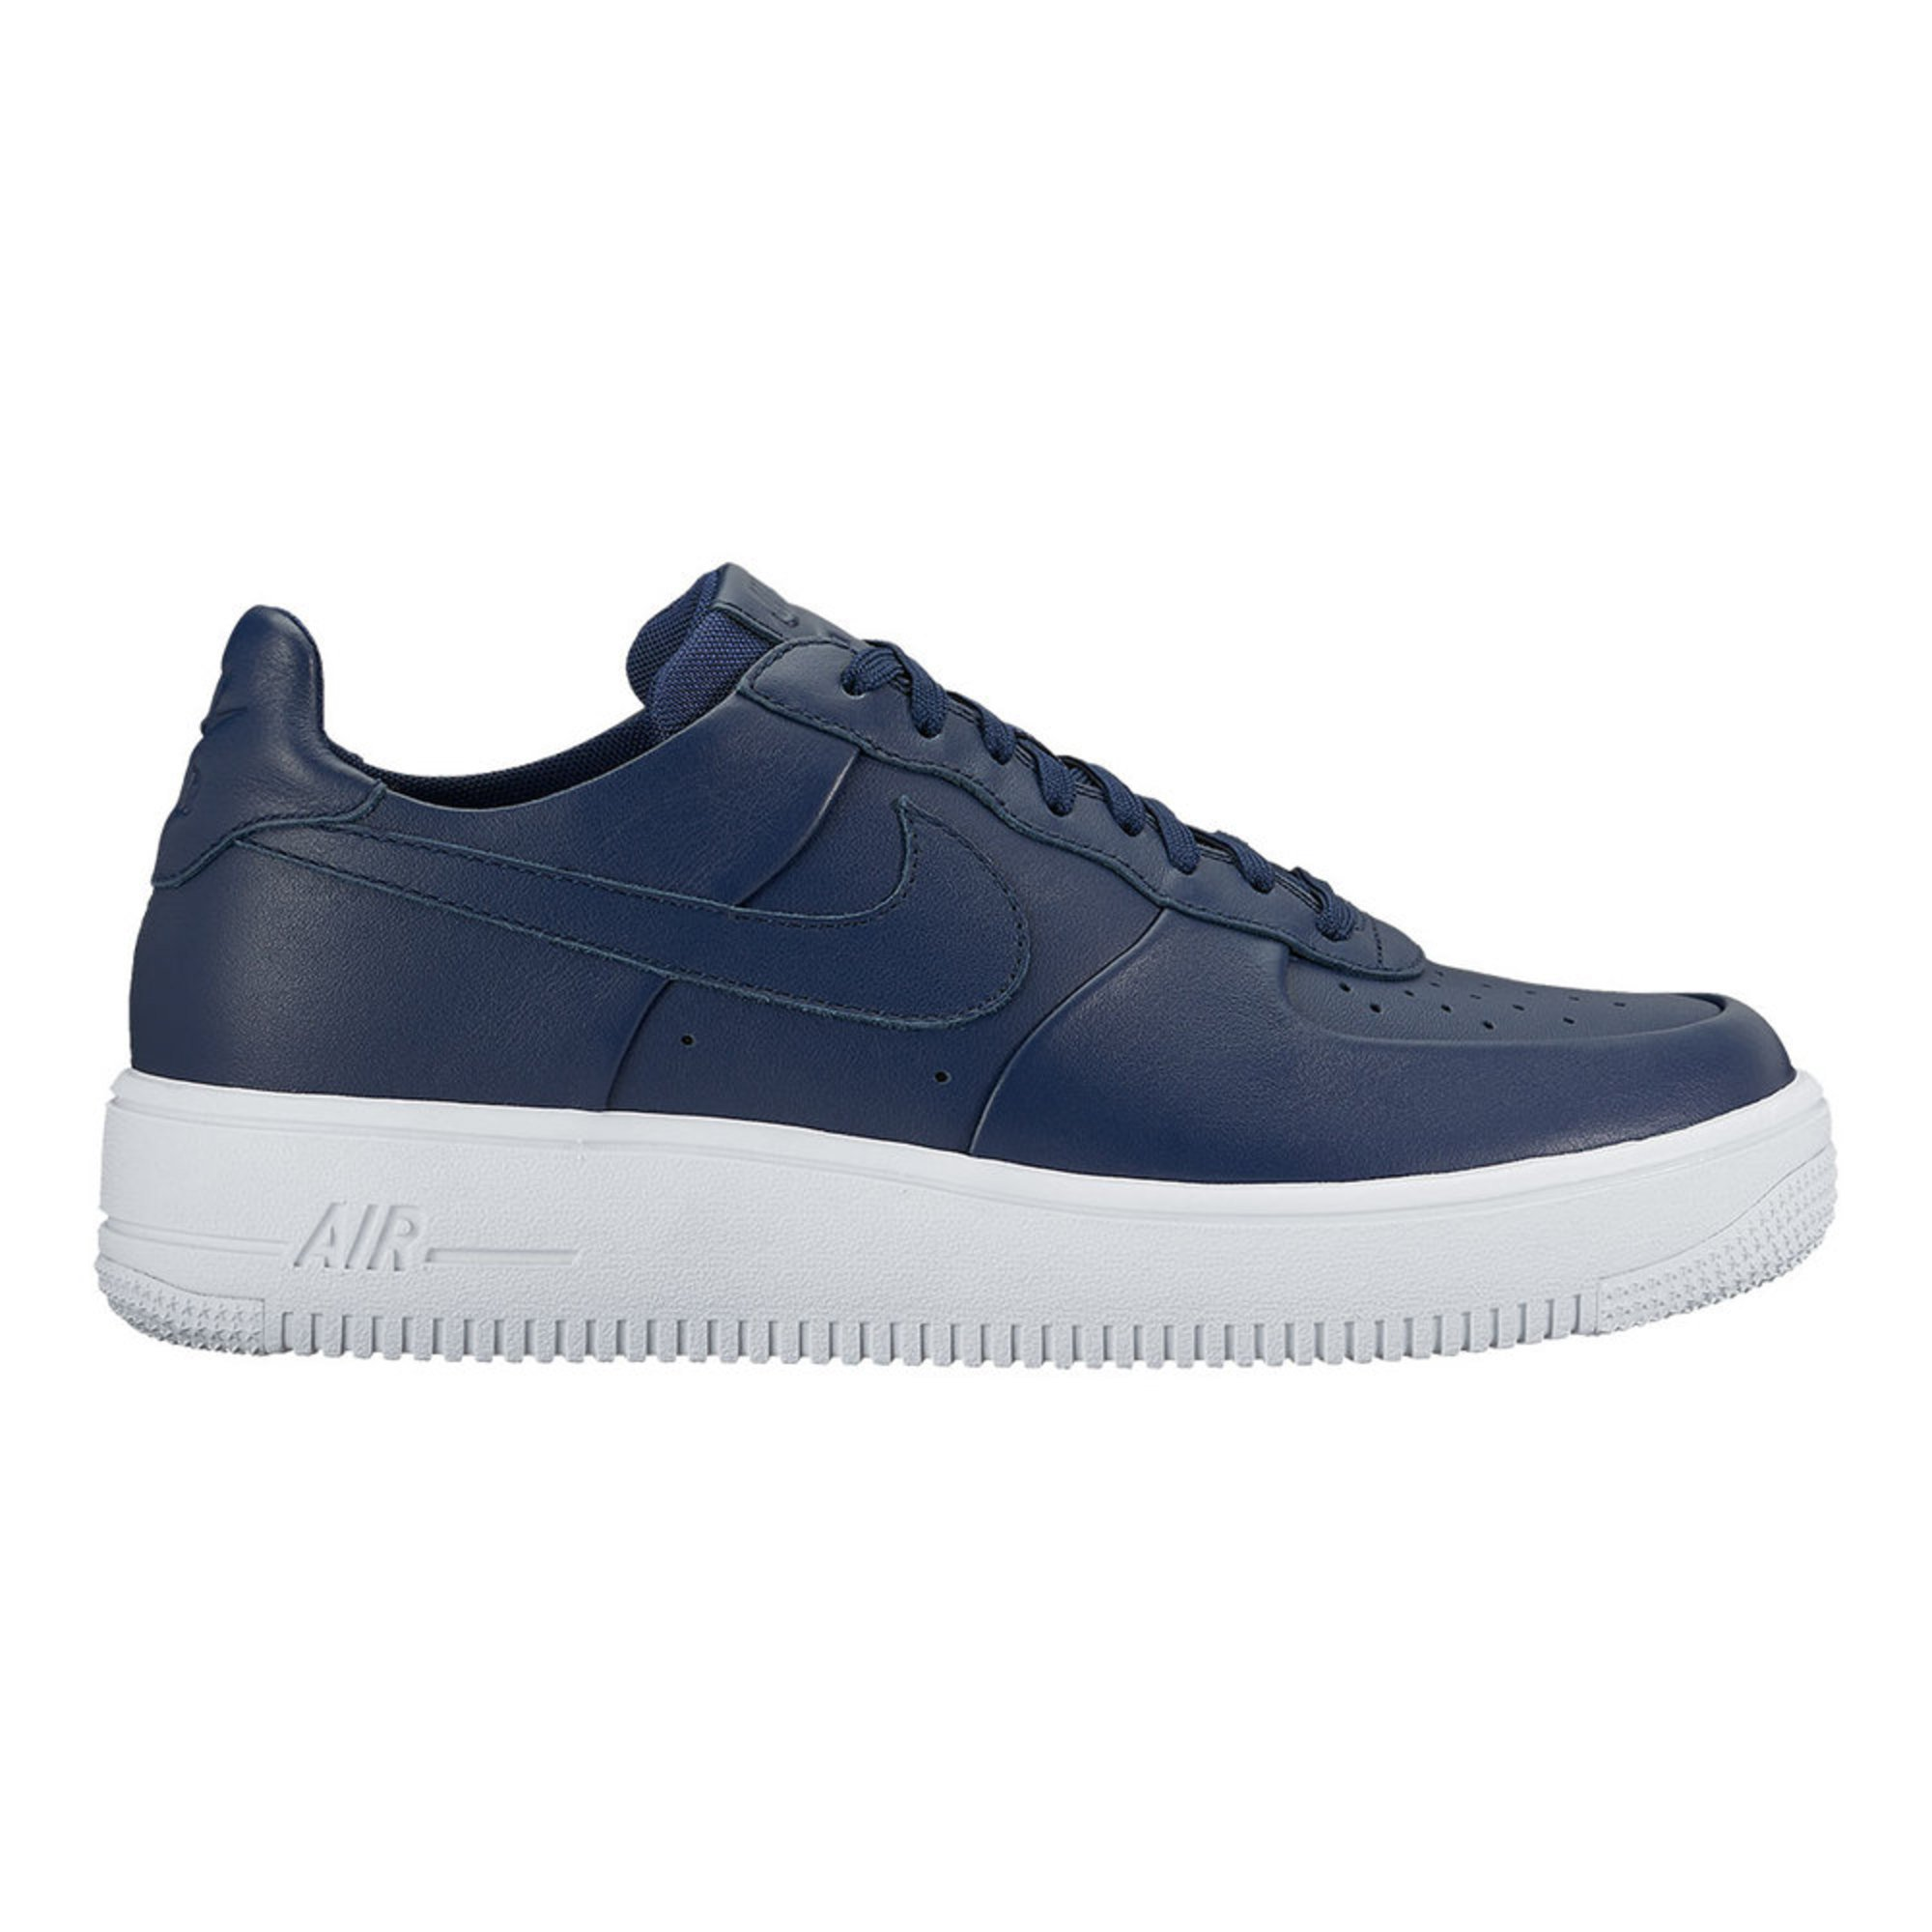 nike air force 1 ultraforce leather men 39 s basketball shoe. Black Bedroom Furniture Sets. Home Design Ideas